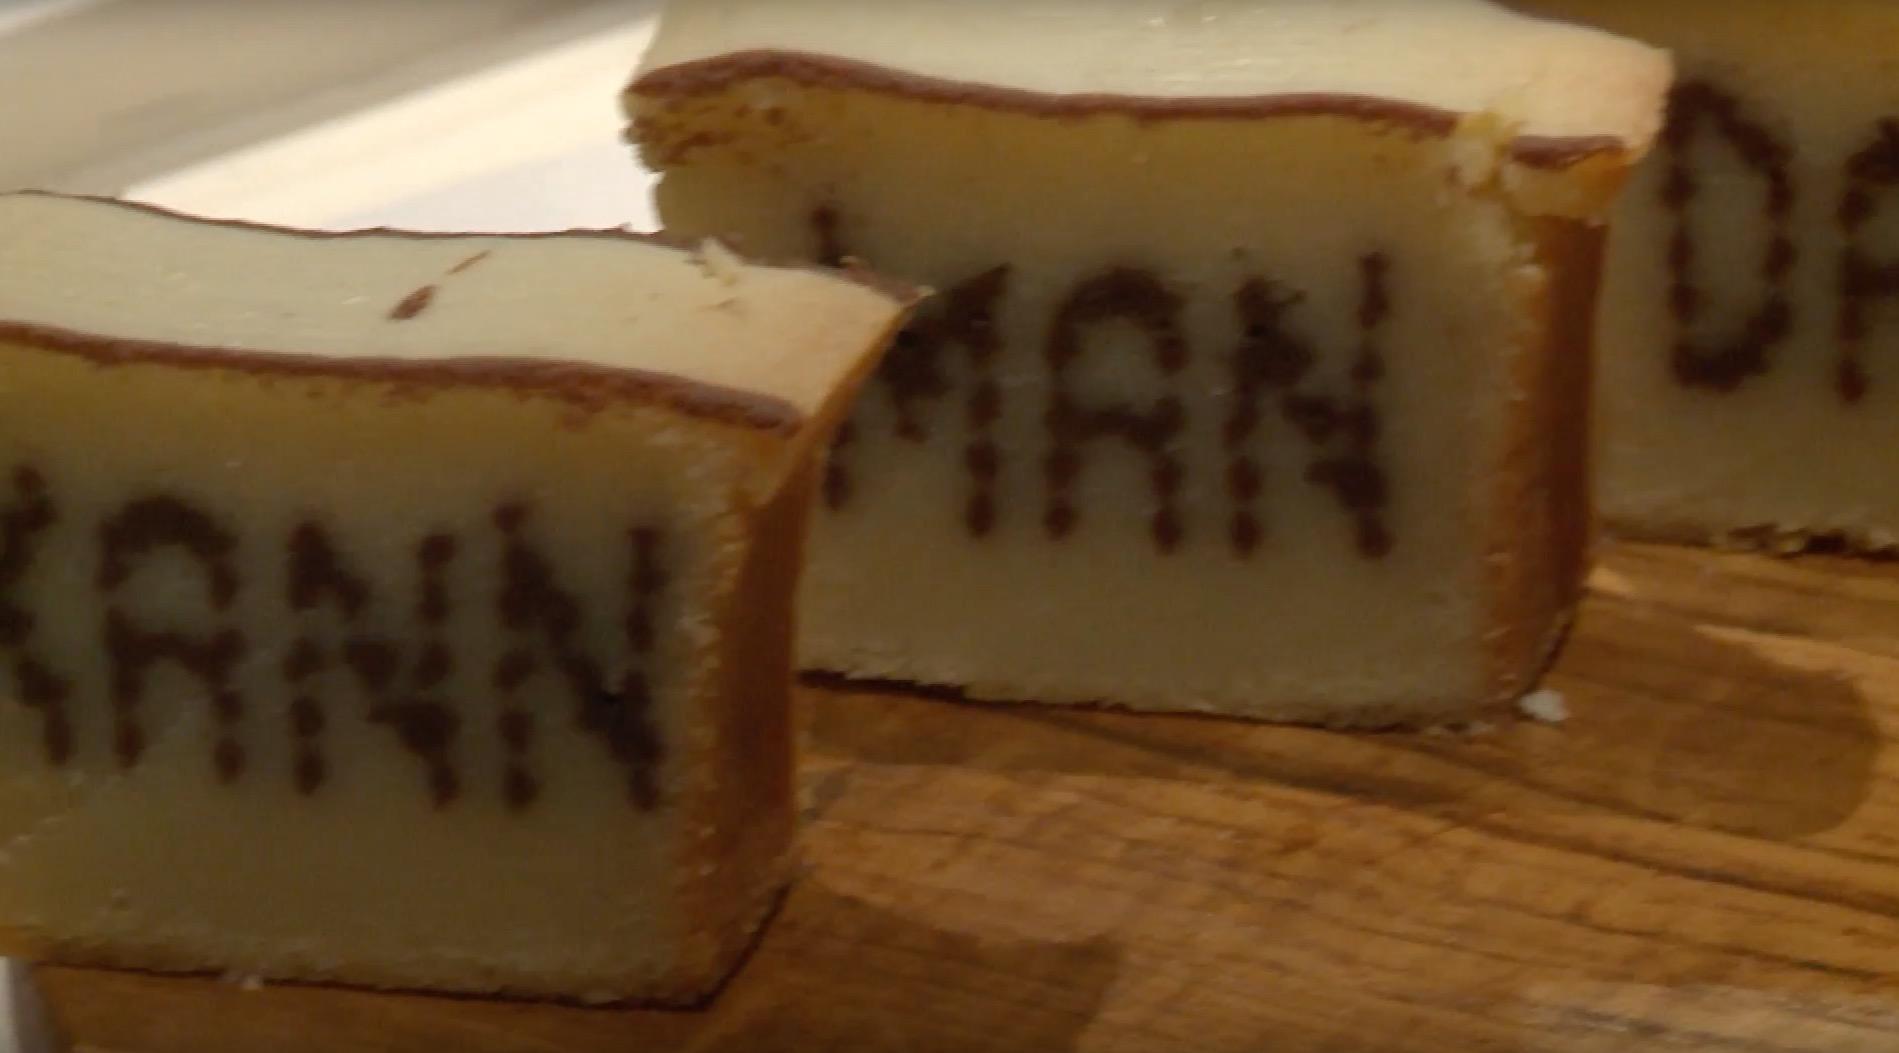 Послание в 3D-печатном кексе: студент создал 3D-принтер для дизайнерской печати